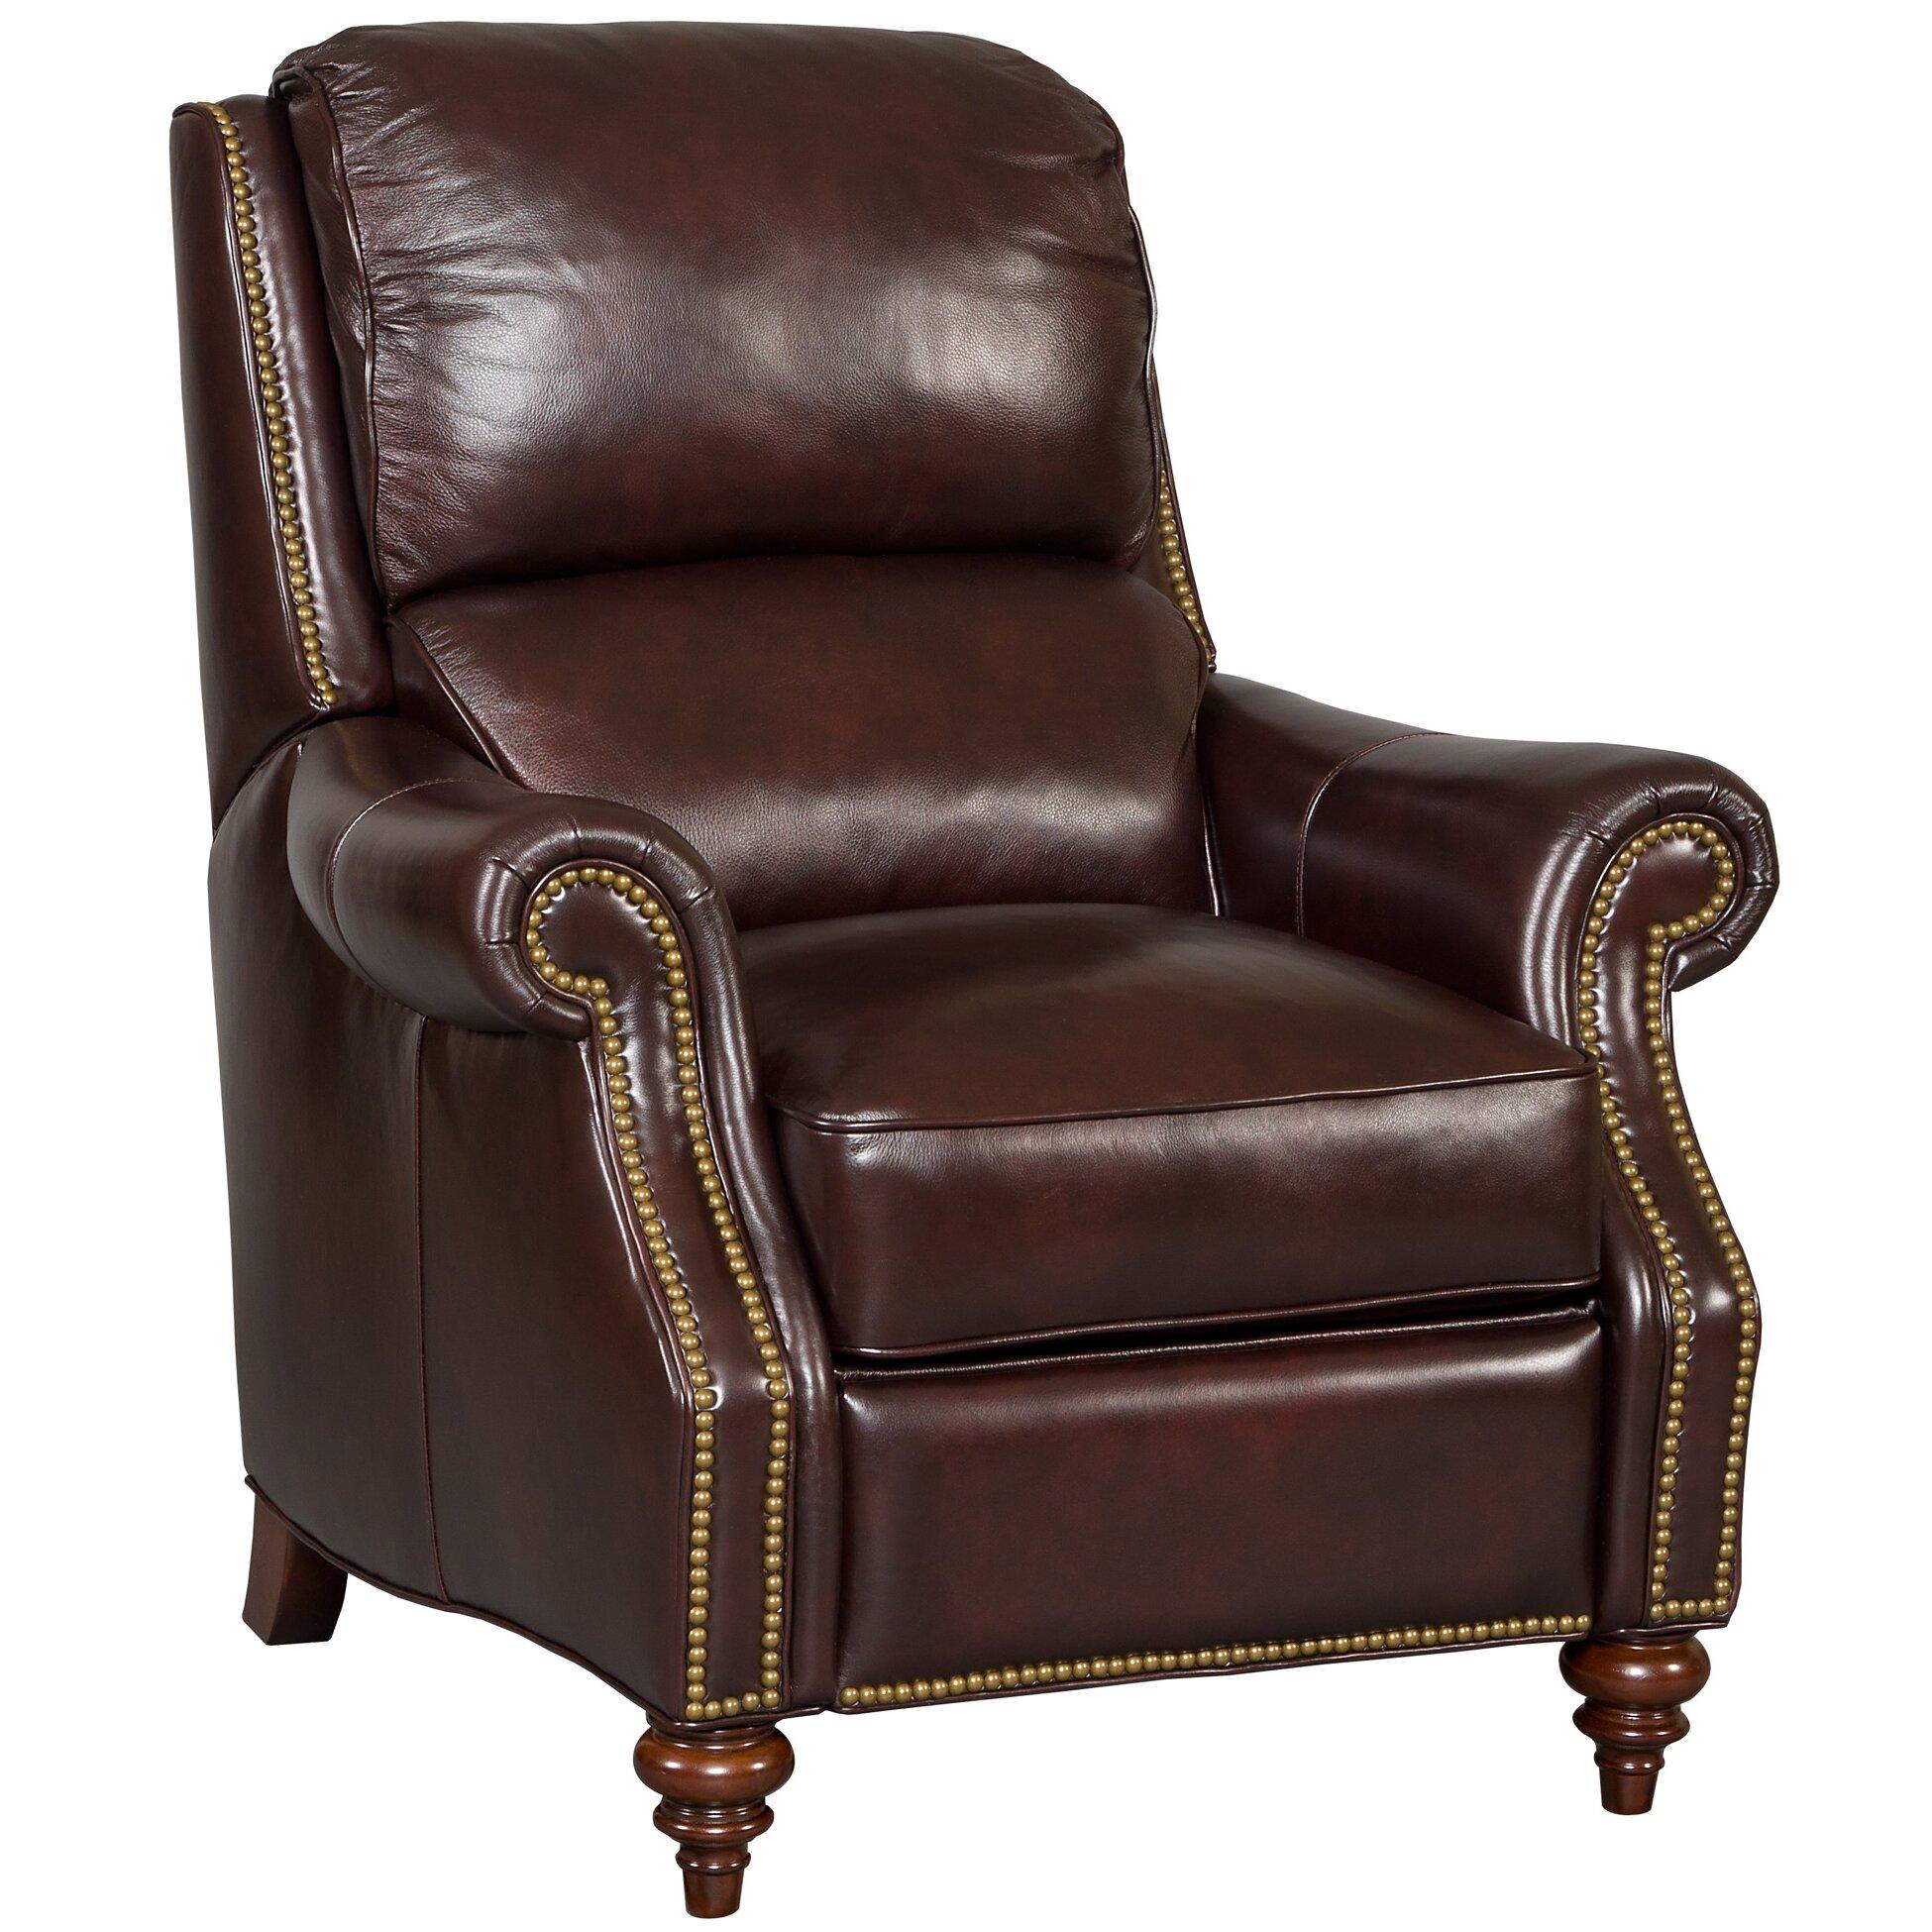 Wayfair Com Furniture: Hooker Furniture Recliner & Reviews